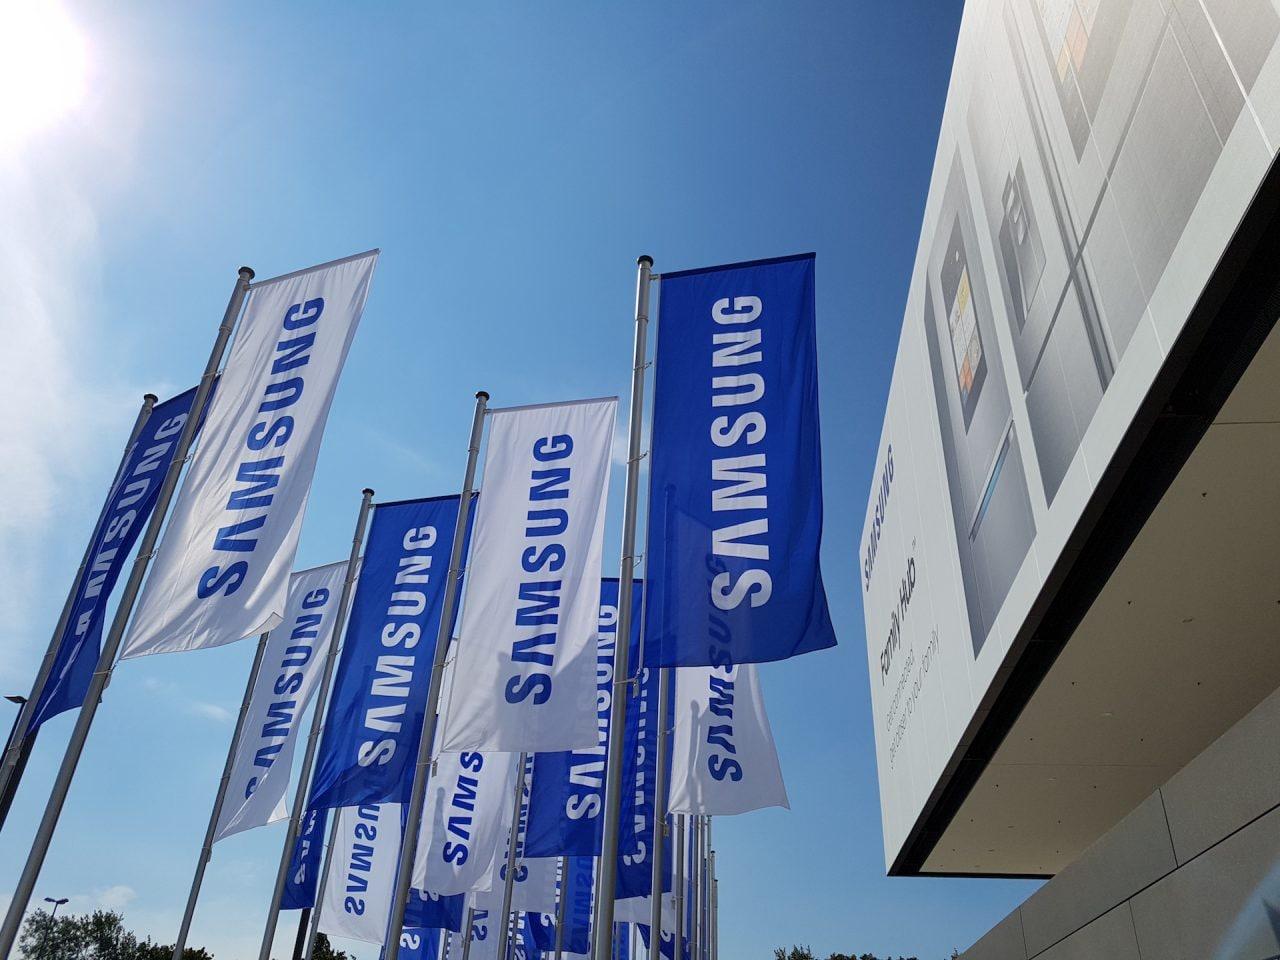 Reperire i firmware Odin per il vostro Samsung non è mai stato così